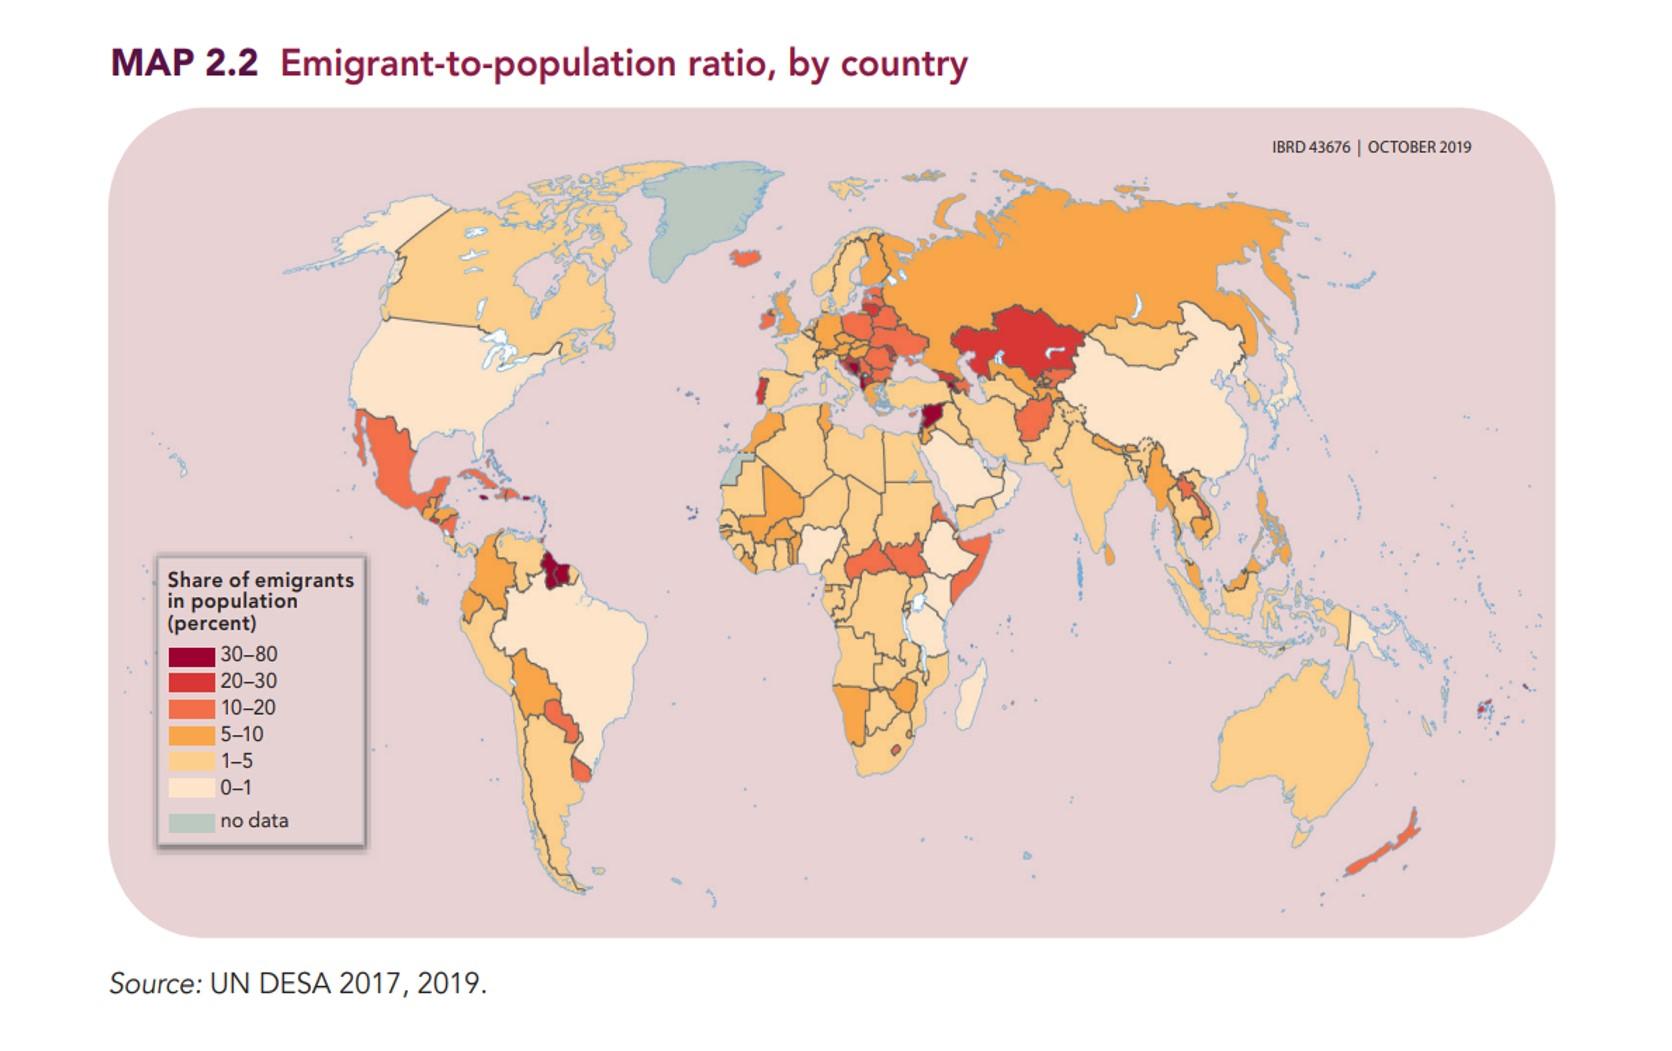 количество эмигрантов по странам грош журнал https://grosh-blog.ru/